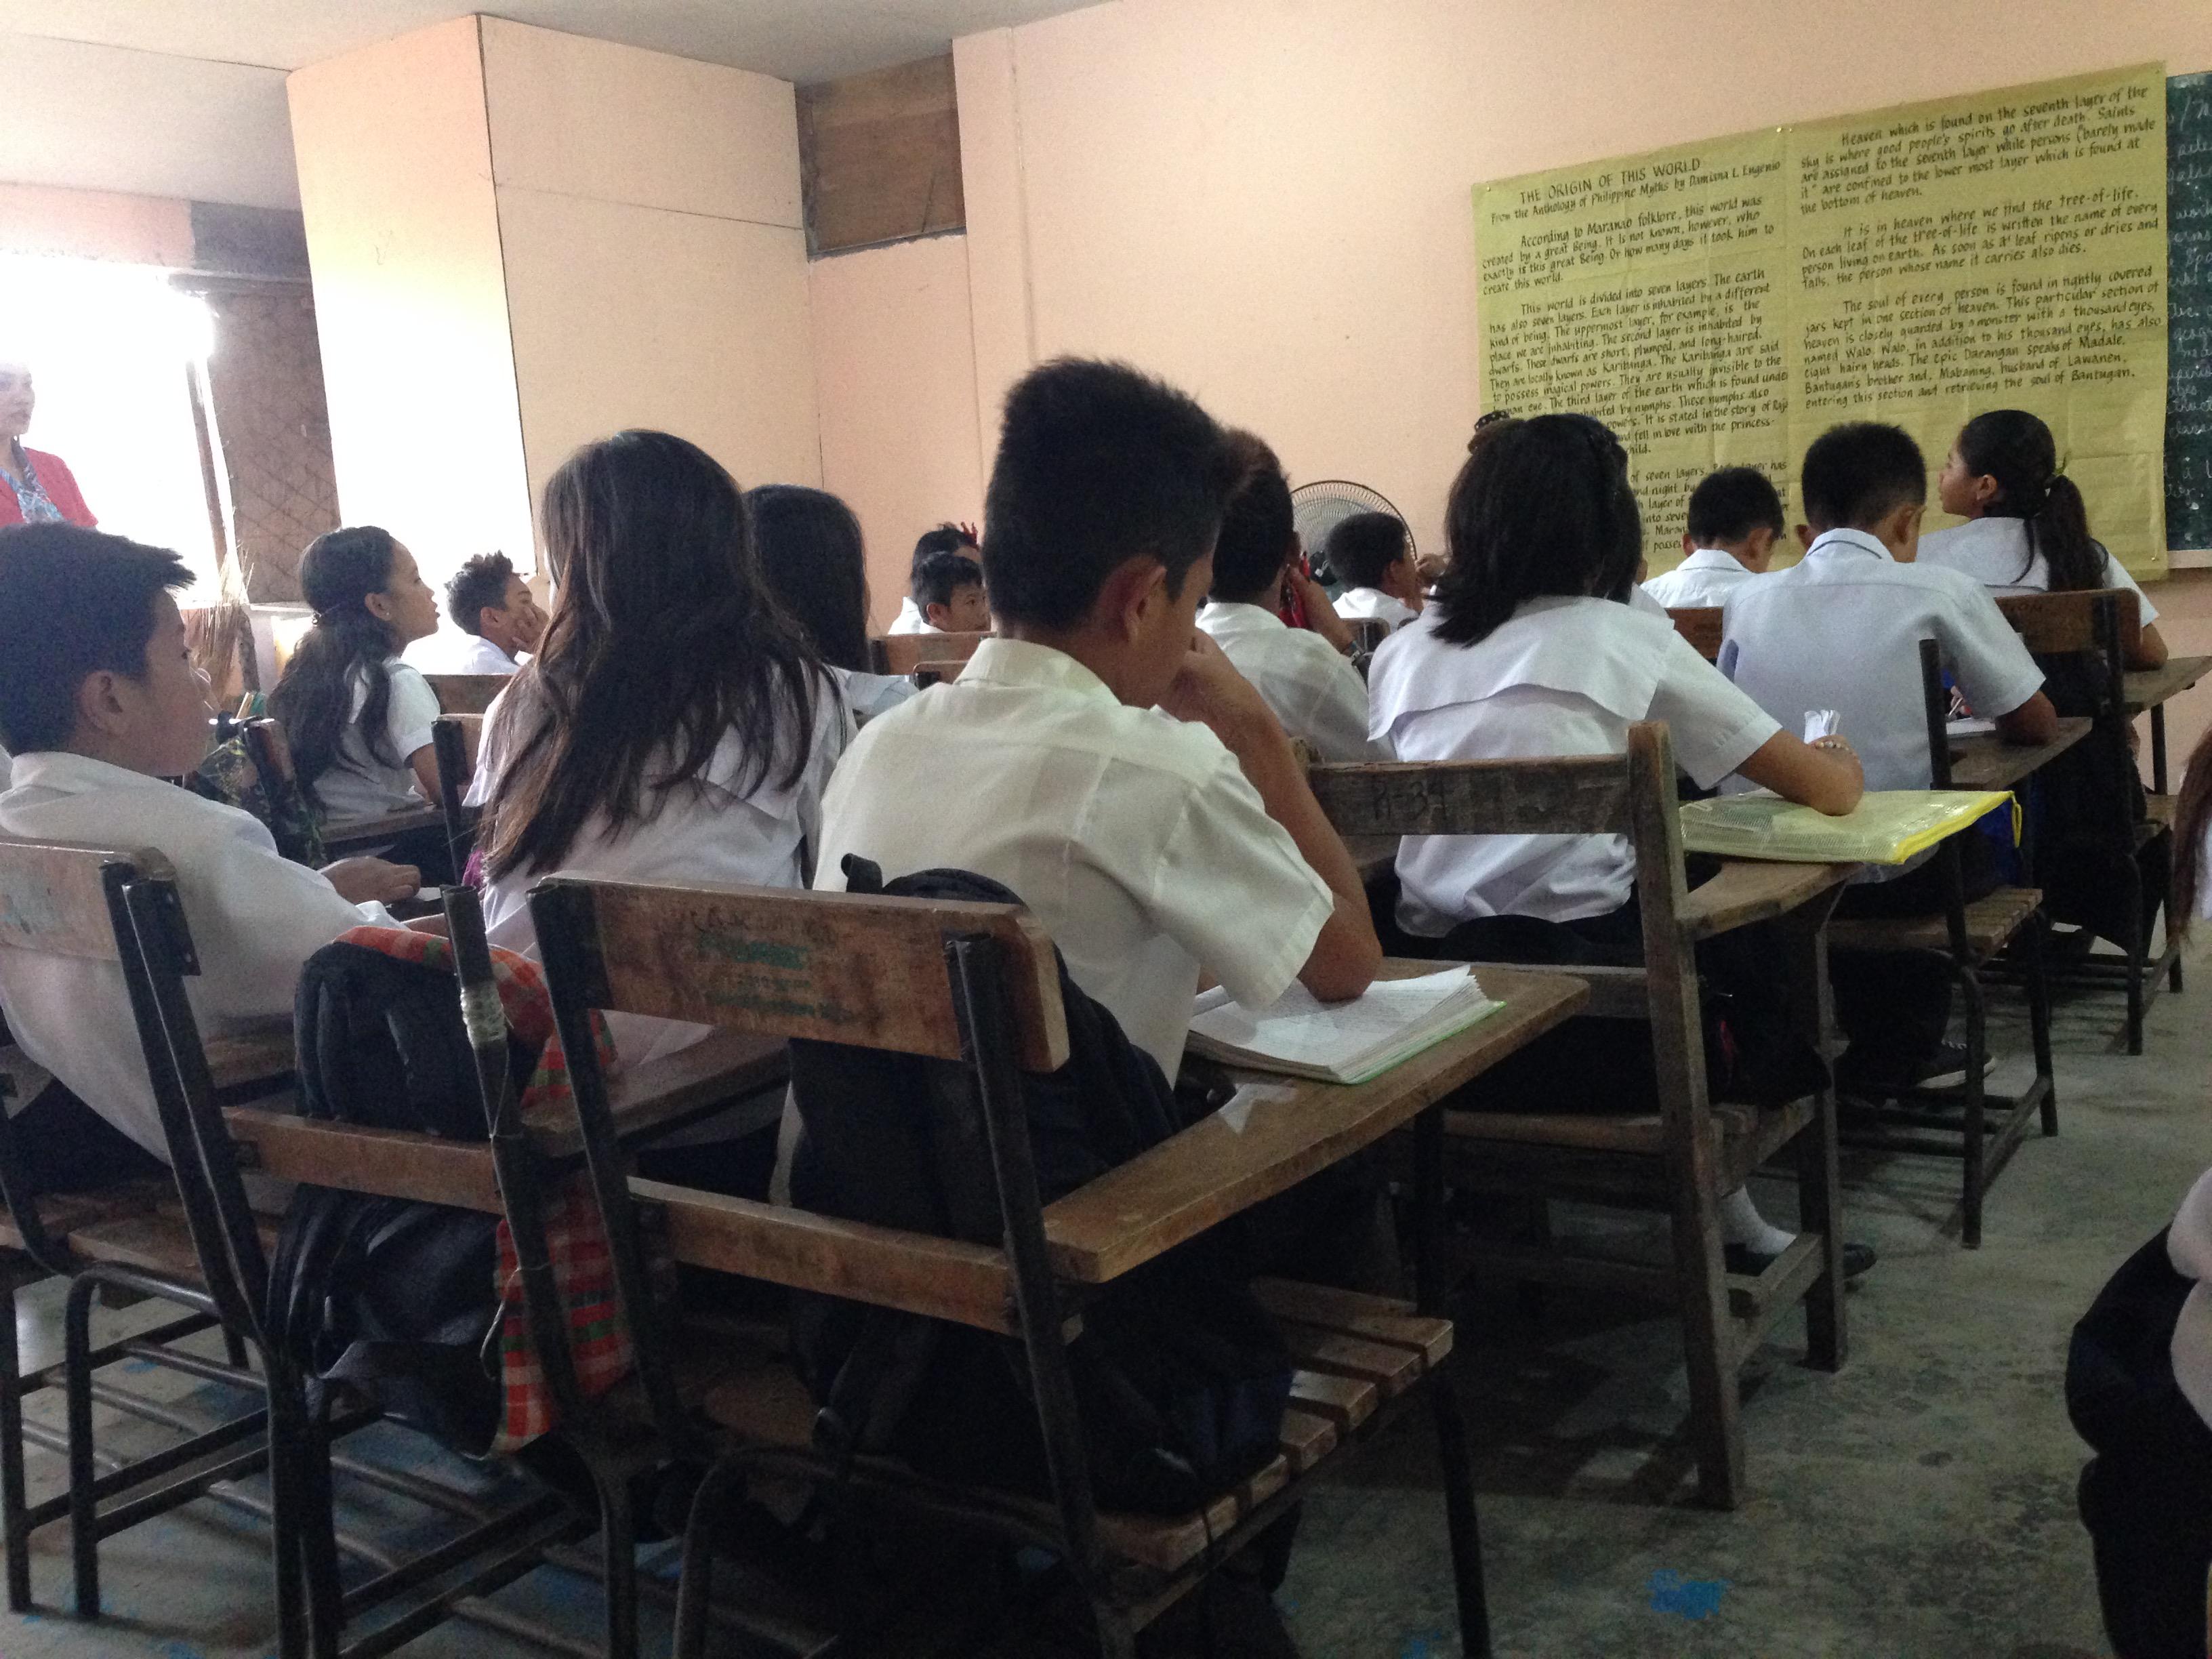 Phillipines clipart diverse classroom Desks Typical Iloilo public Beatnik